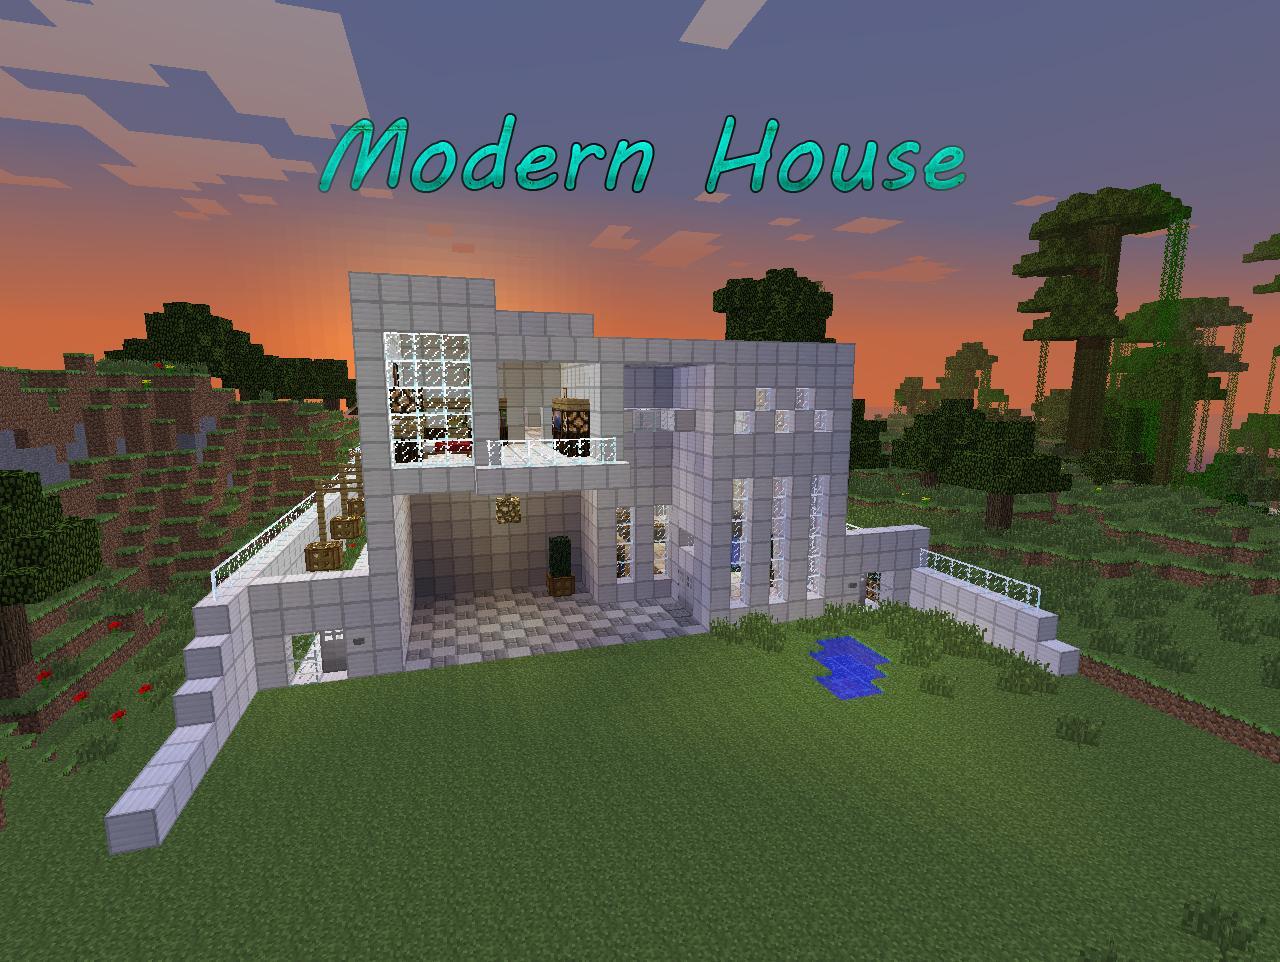 Minecraft modern house download